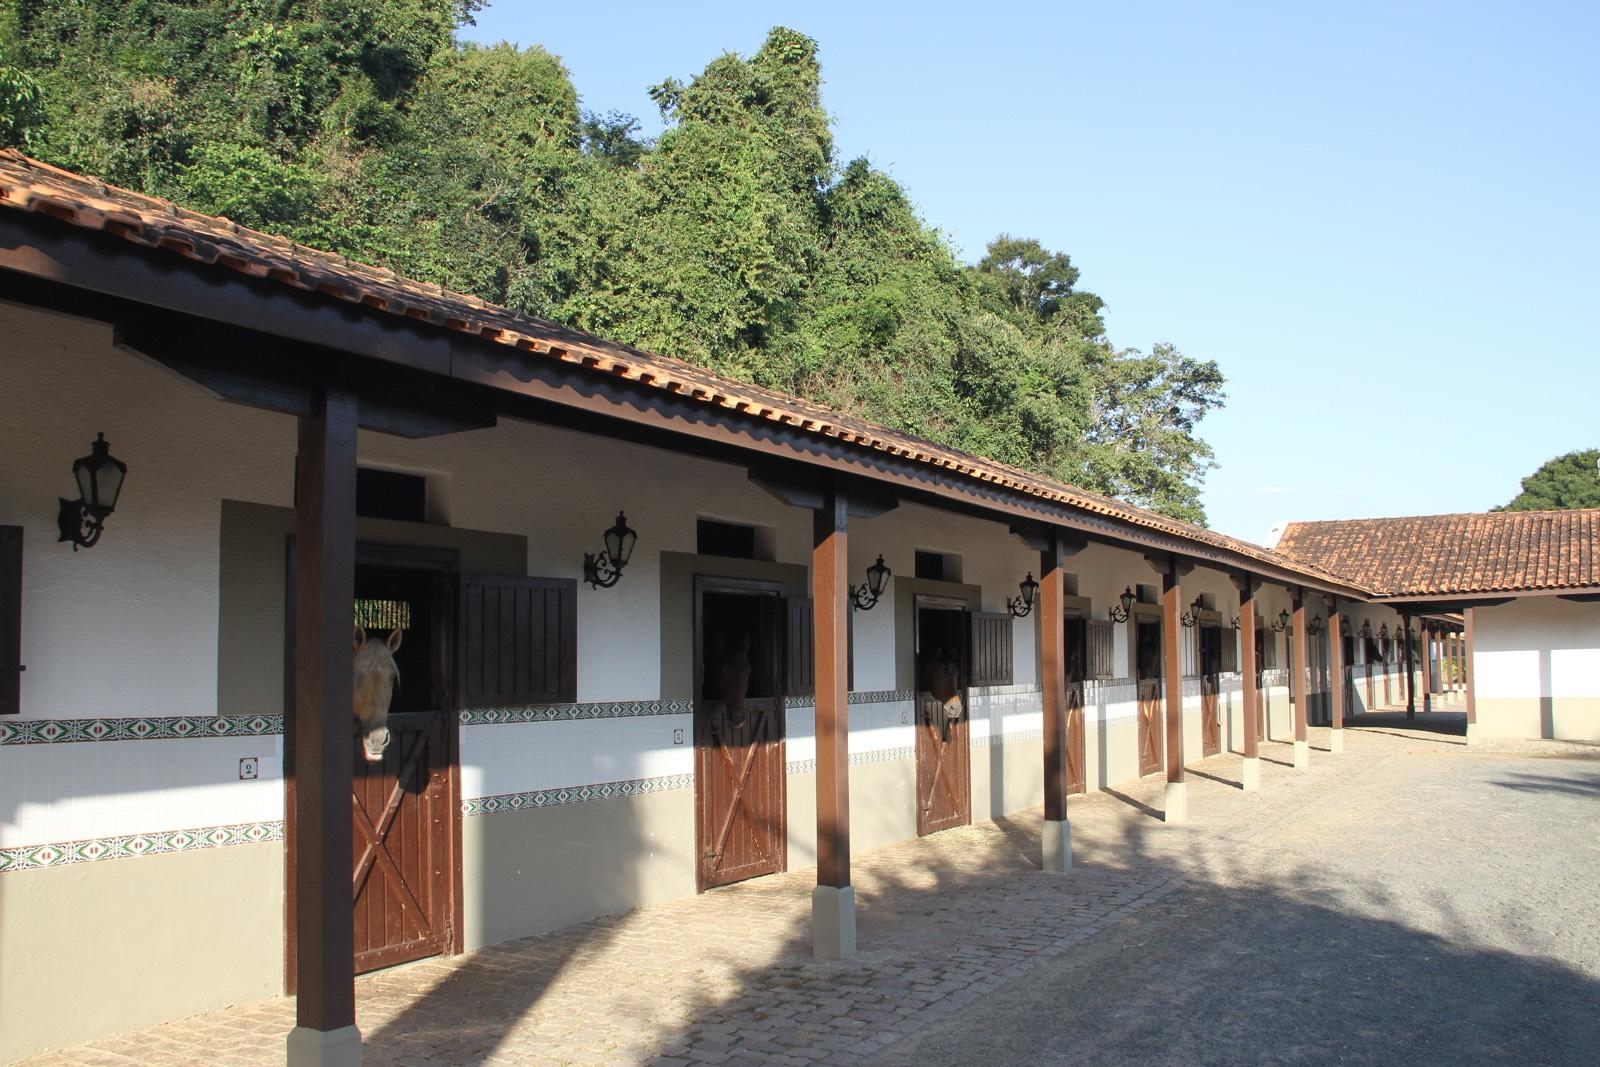 Haras das Mangueiras - Estabulagem e treinamento de cavalos